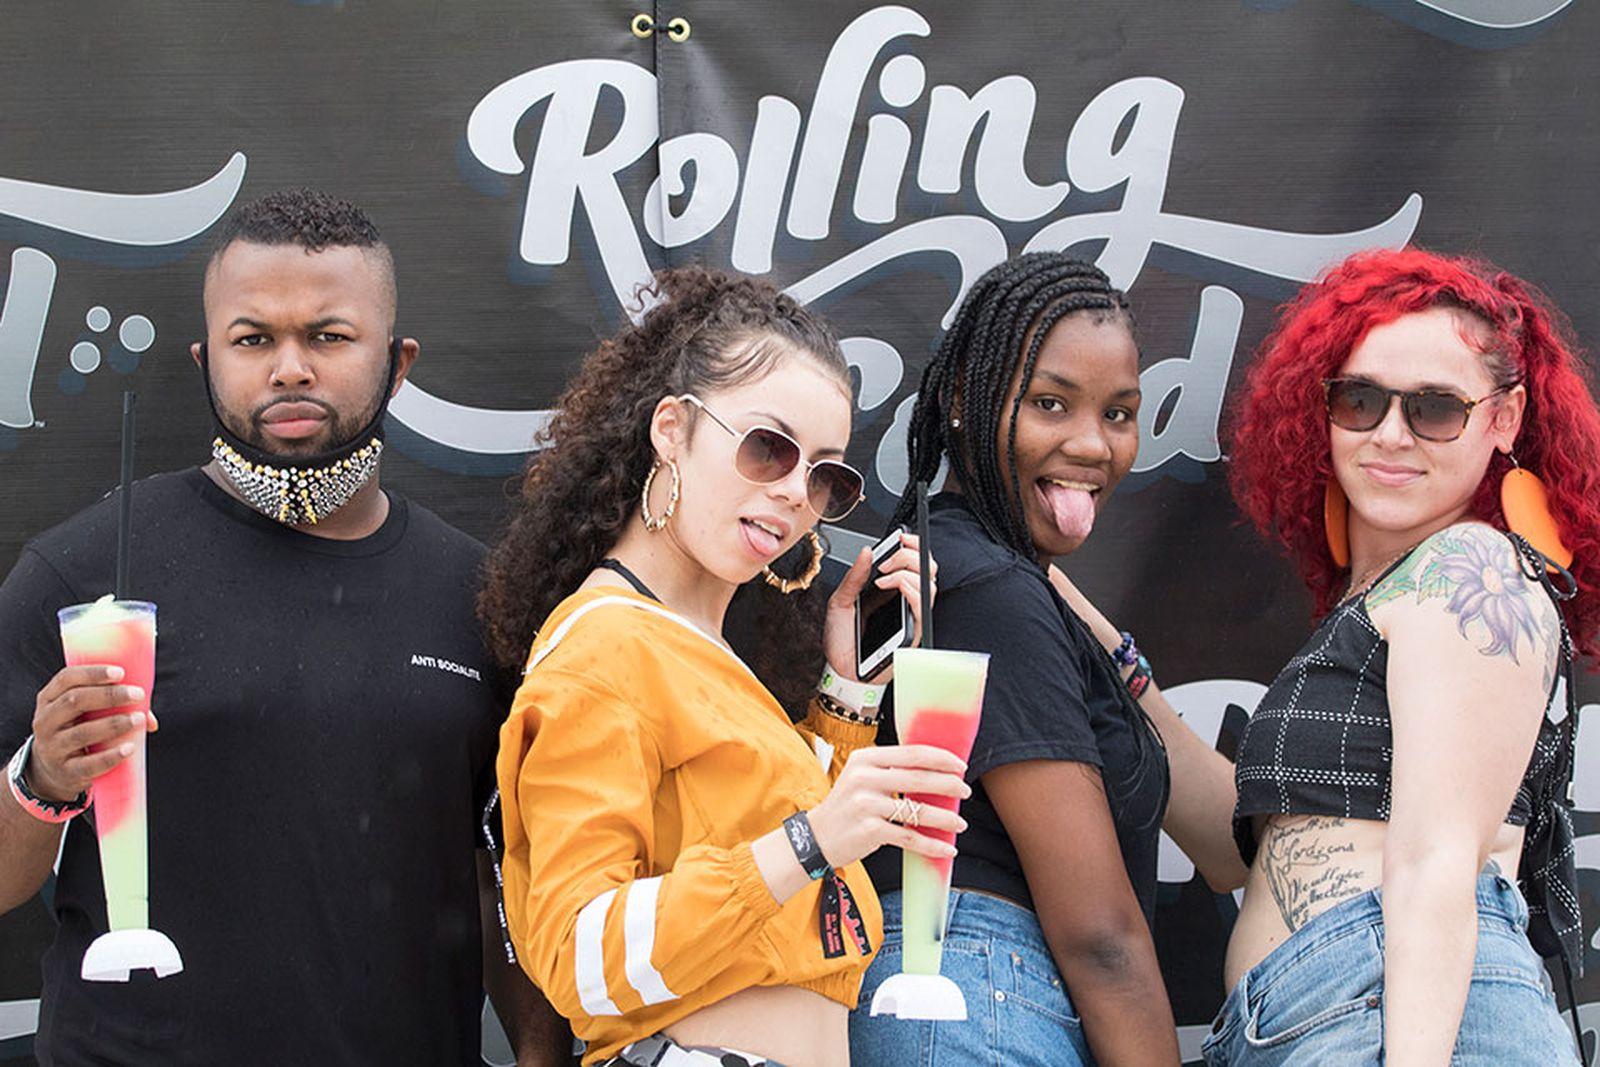 rolling-loud-2018-street-style-13